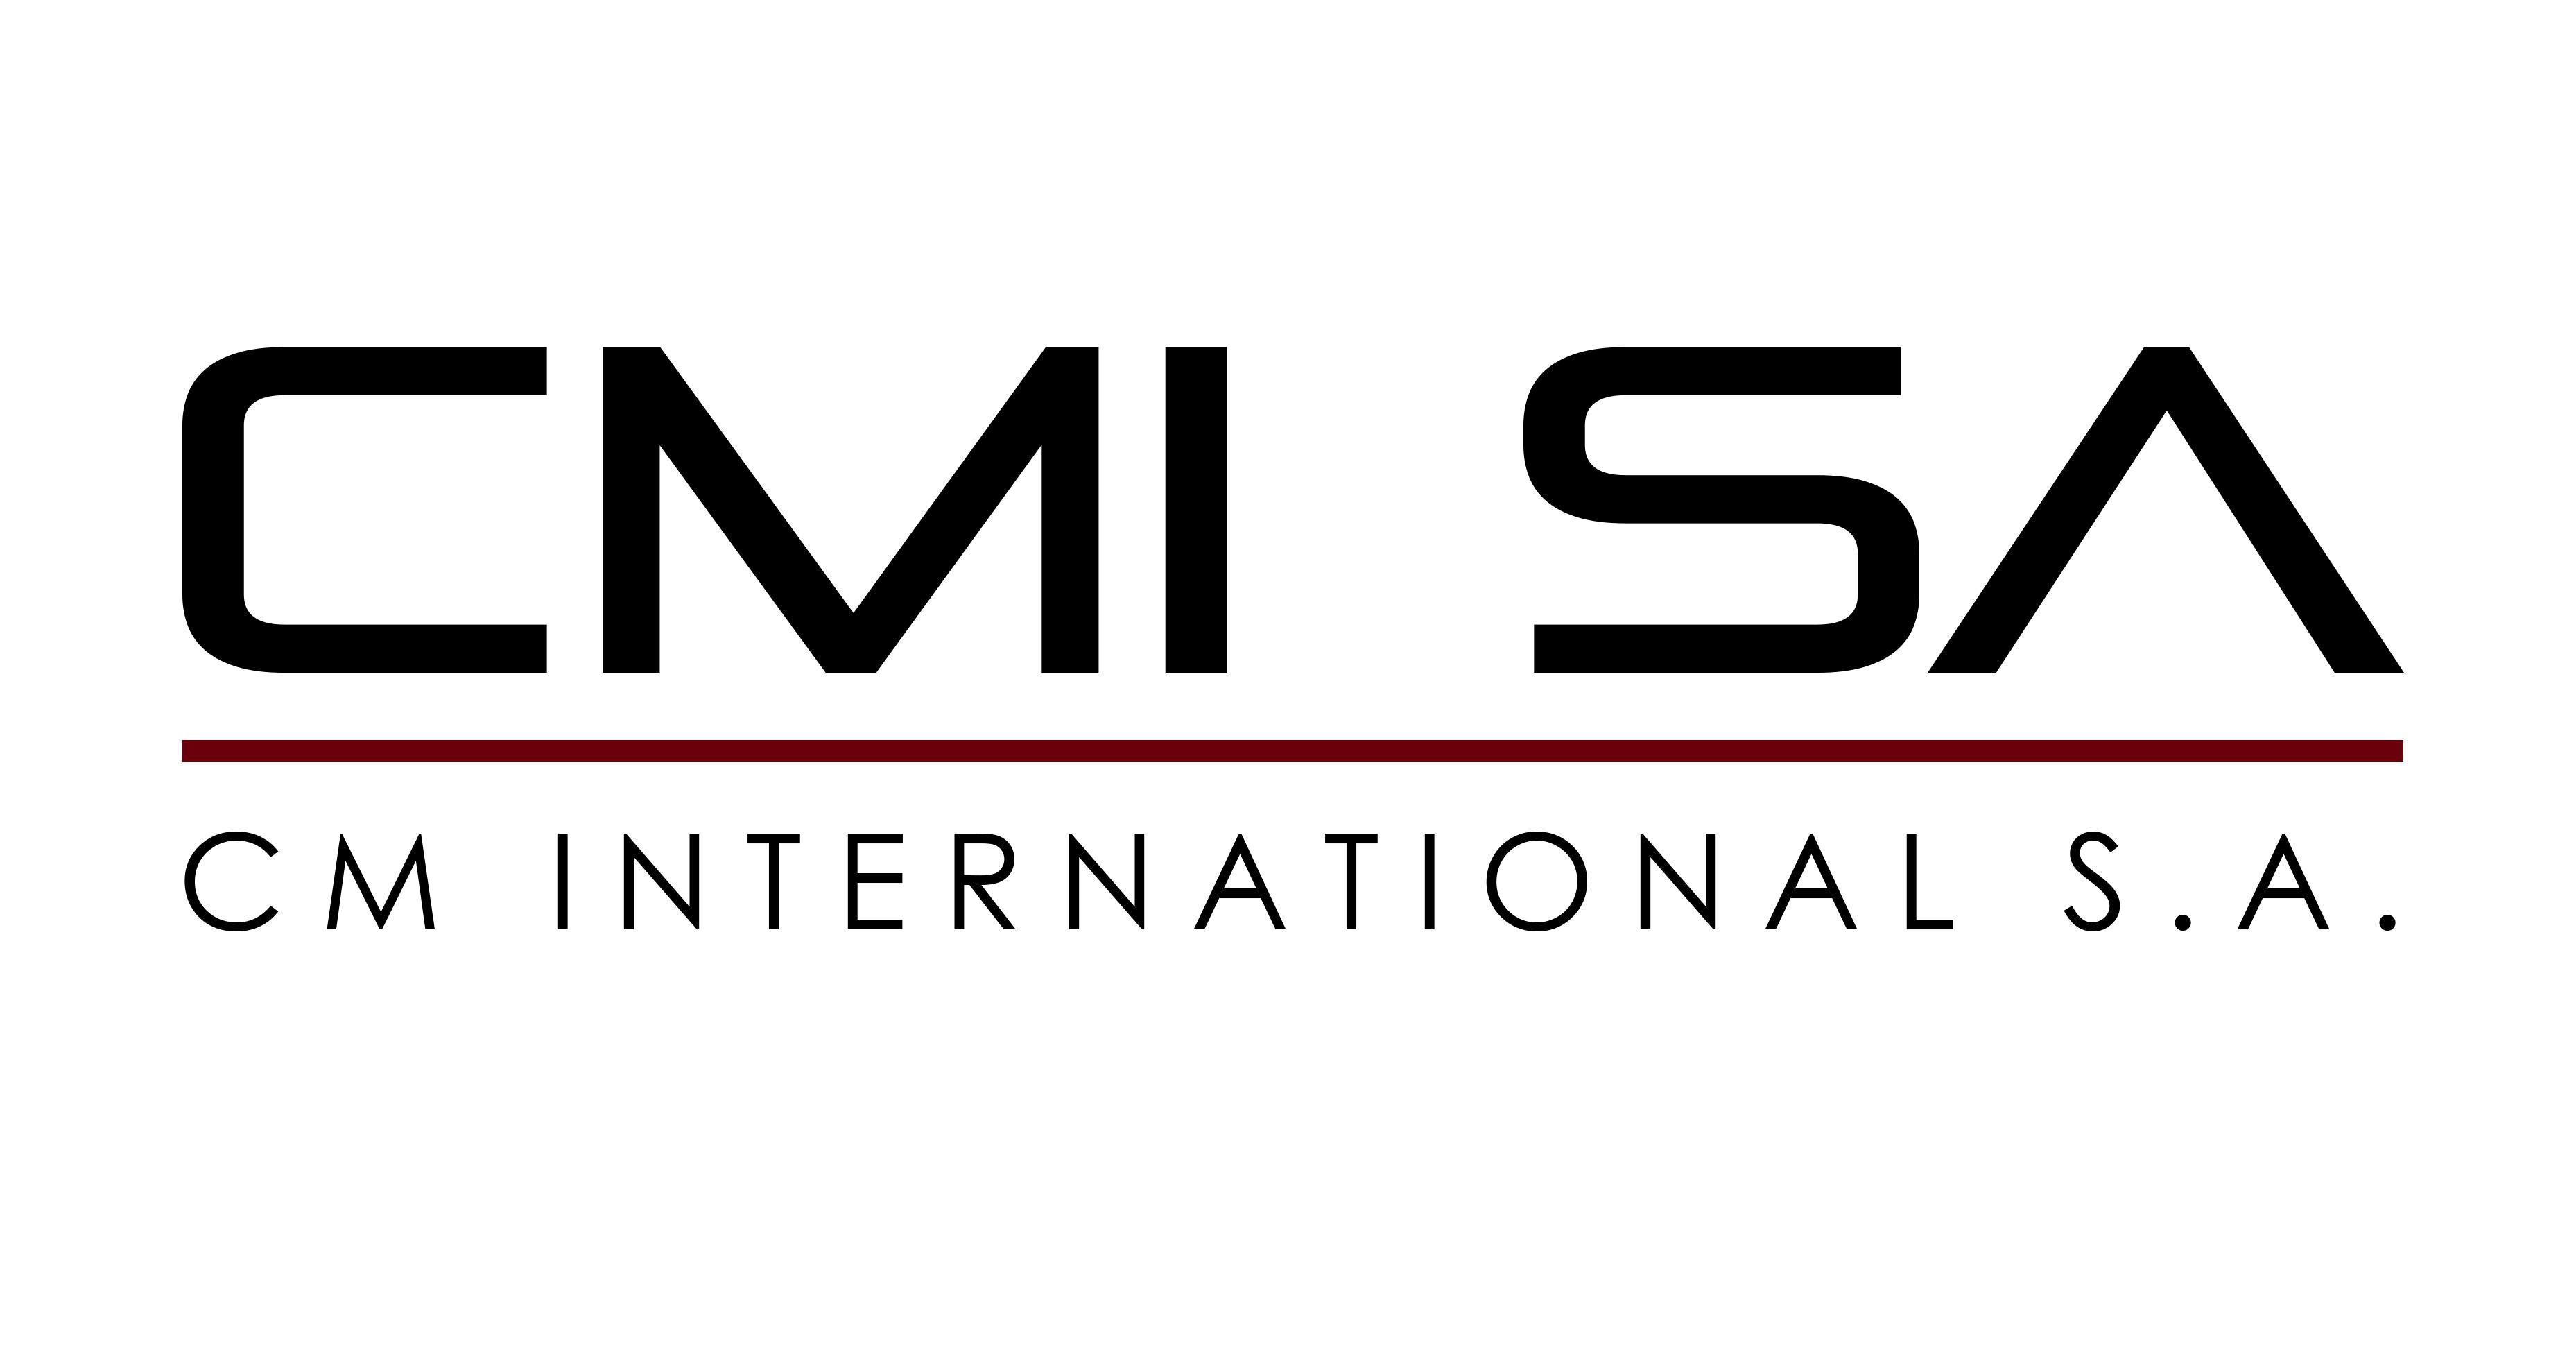 CM International S.A publikuje raport okresowy za II kwartał 2021 roku